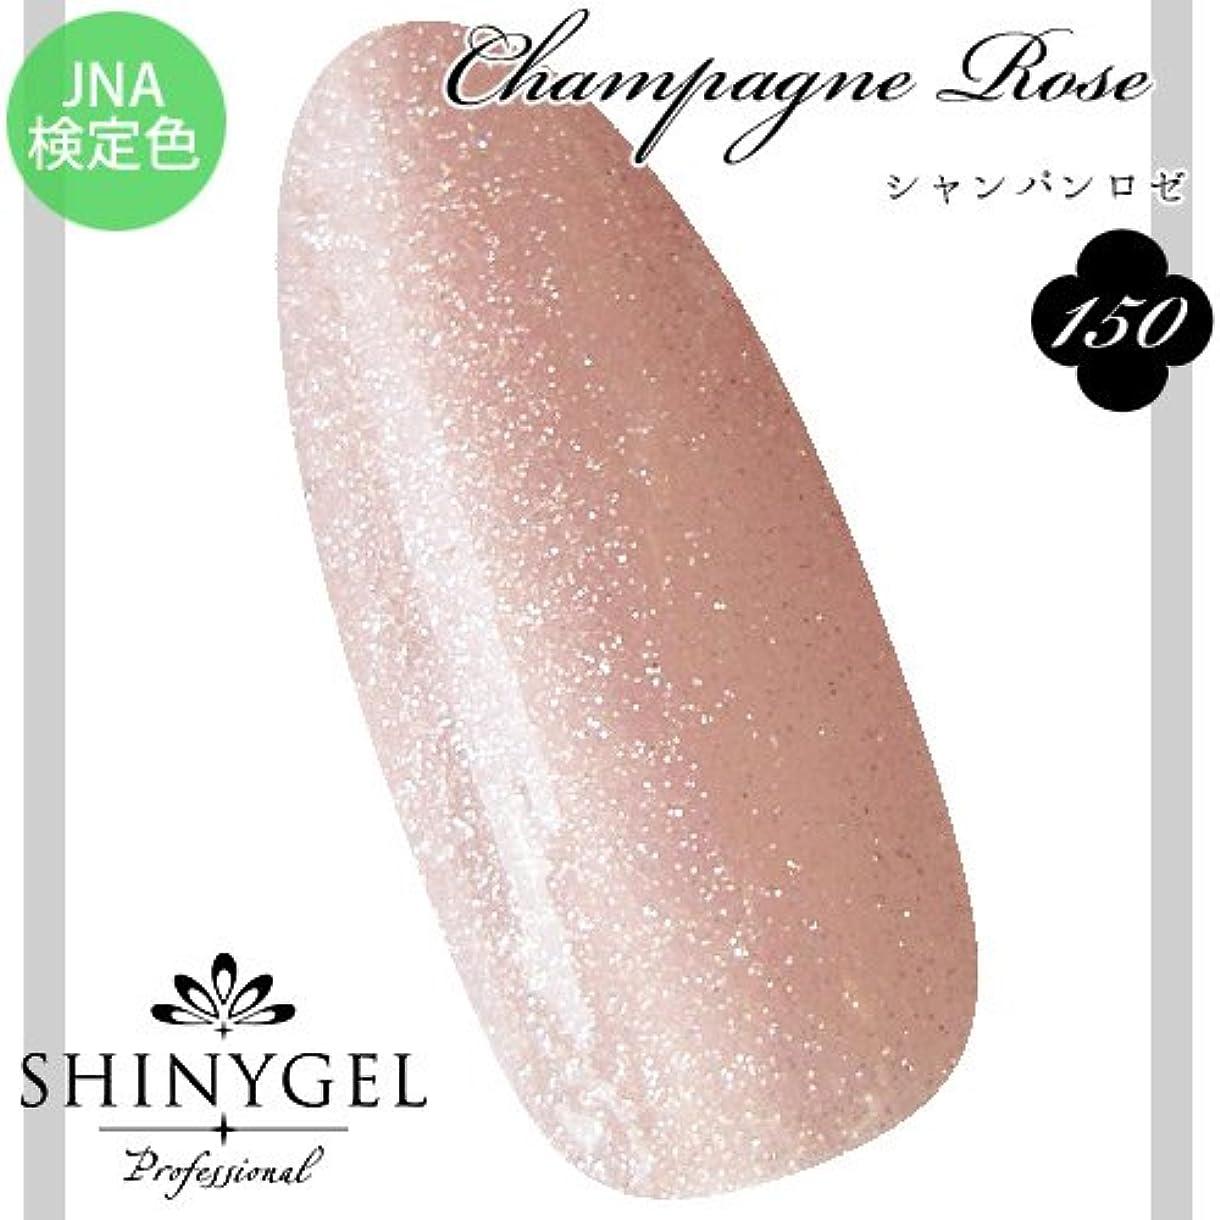 リベラル急降下年金SHINY GEL カラージェル 150 4g シャンパンロゼ シルバーラメをミックスしたラメローズ JNA検定色 UV/LED対応